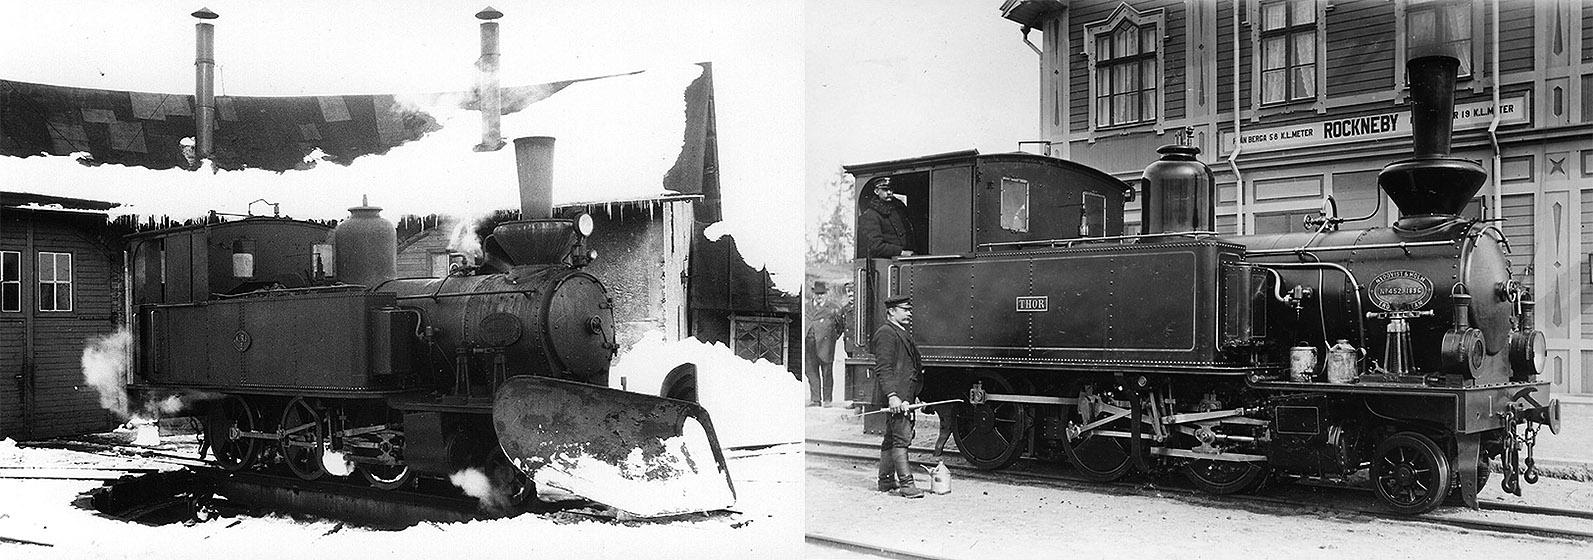 SGJ 1 till vänster foto 25 mars 1947 Martin Lindström. Till höger som KBJ 1 vid Rockneby station - Samlingsportalen